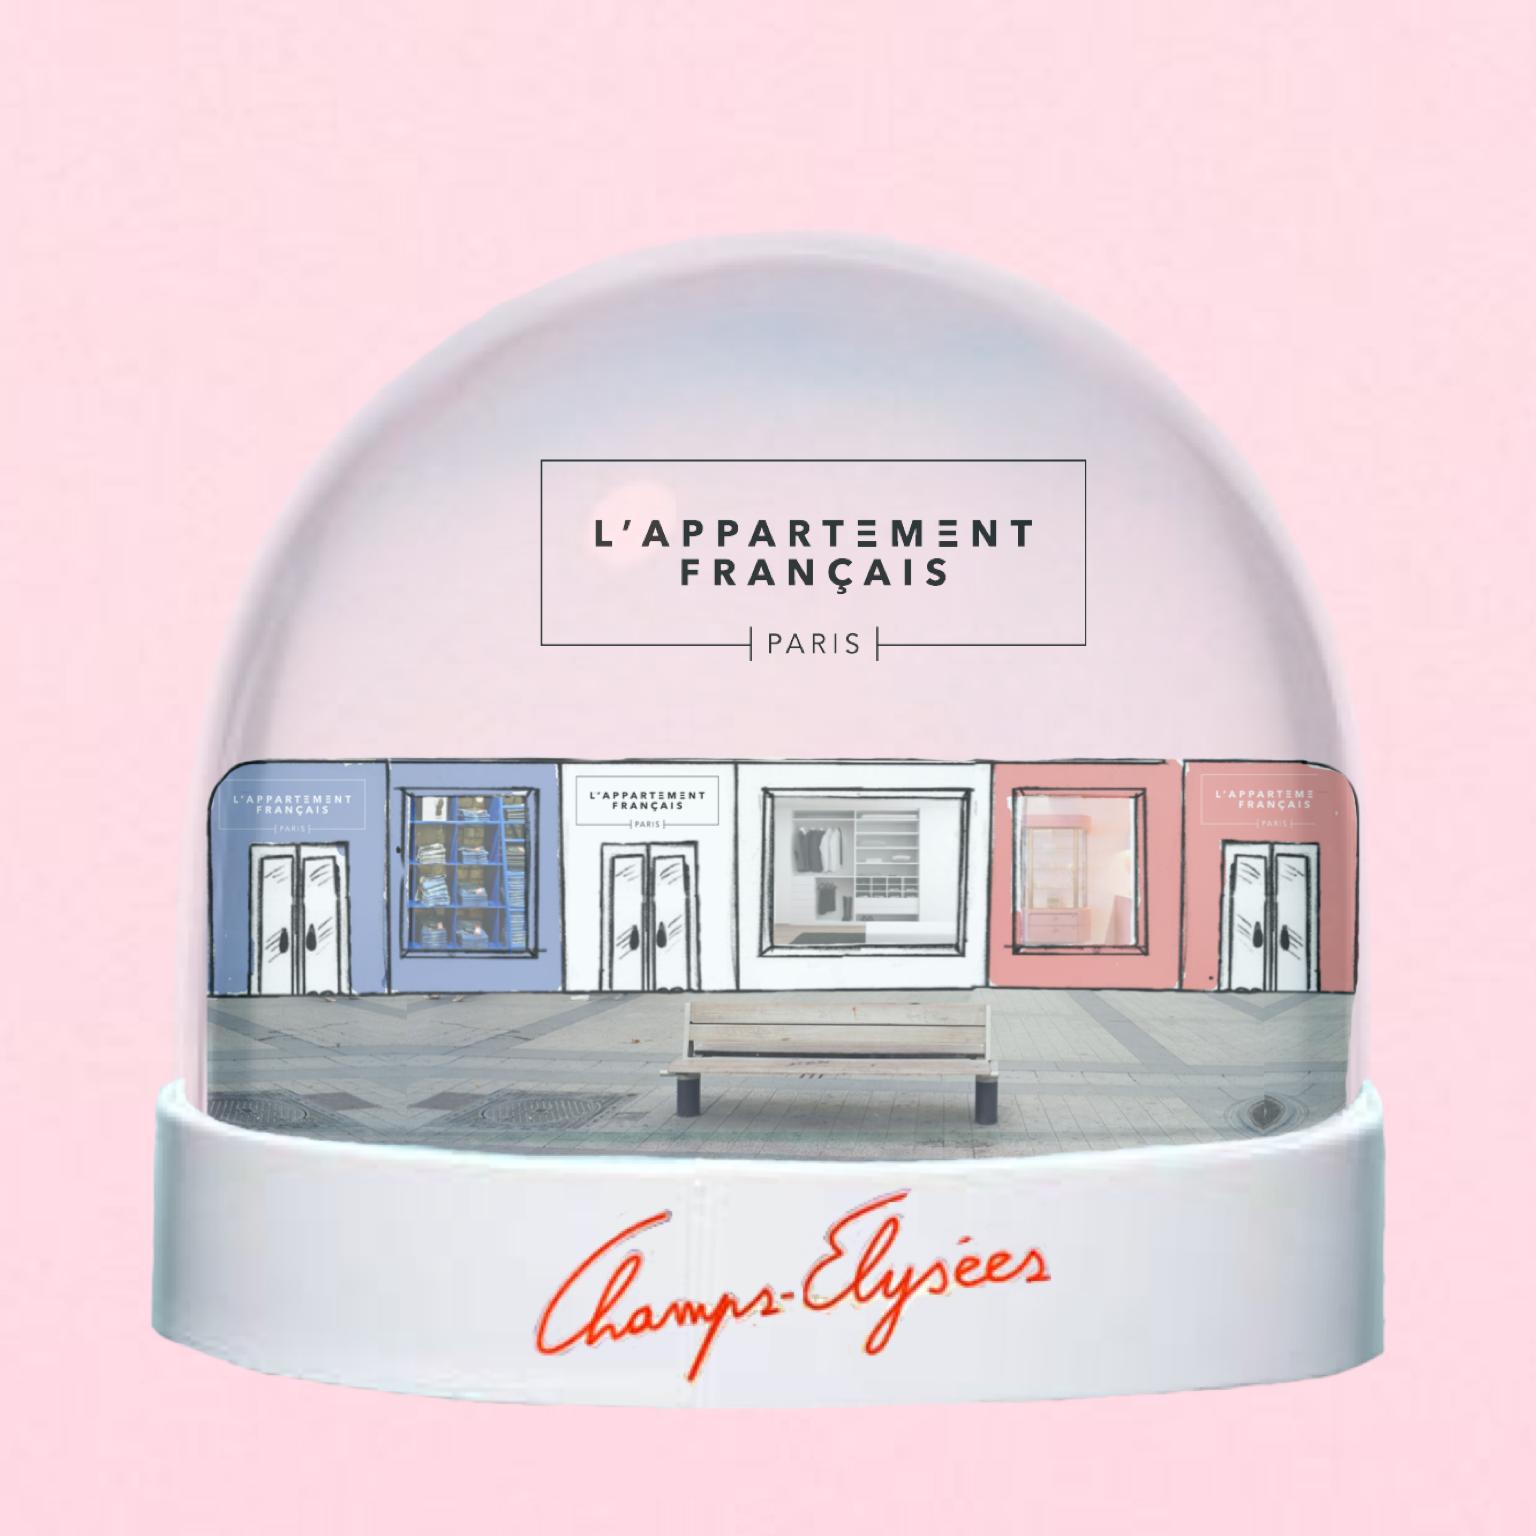 Retrouvez mes céramiques et livres sur les Champs Elysées - 26 Avenue des Champs Elysées !À partir du 16 novembre 2018 😀 🇫🇷#madeinfrance #consommerresponsable #consommerlocal #durable #mode #design #lifestyle #tousacteurs